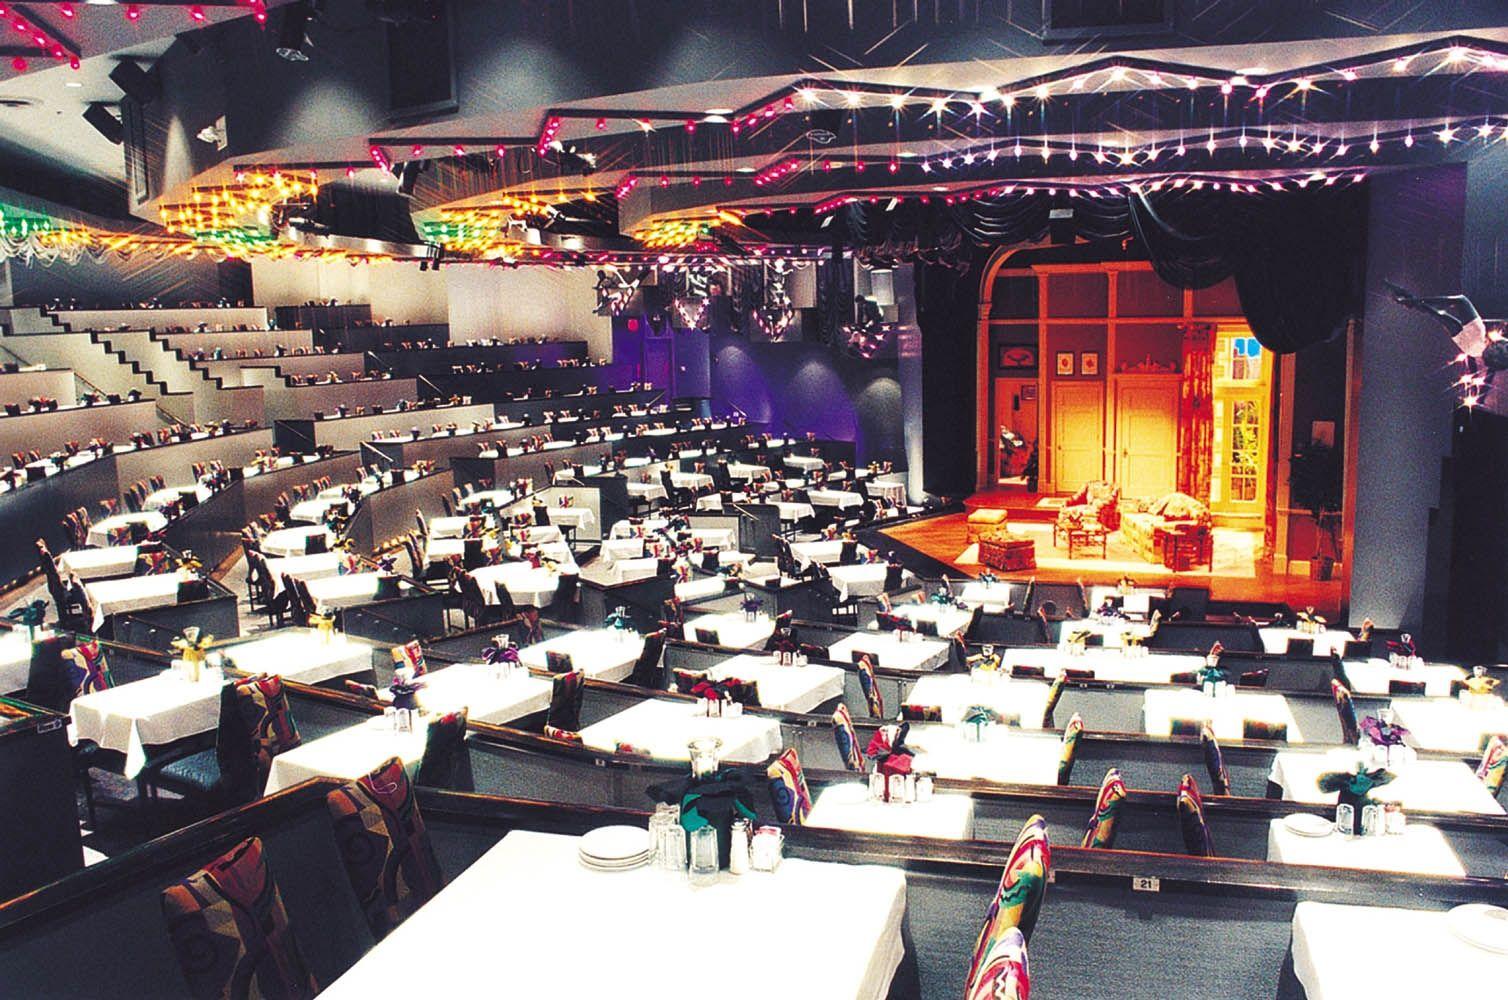 Another Lovely Shot Of The Inside New Theatre Restaurant In Overland Park Kansas Thanks Rachel Gladis